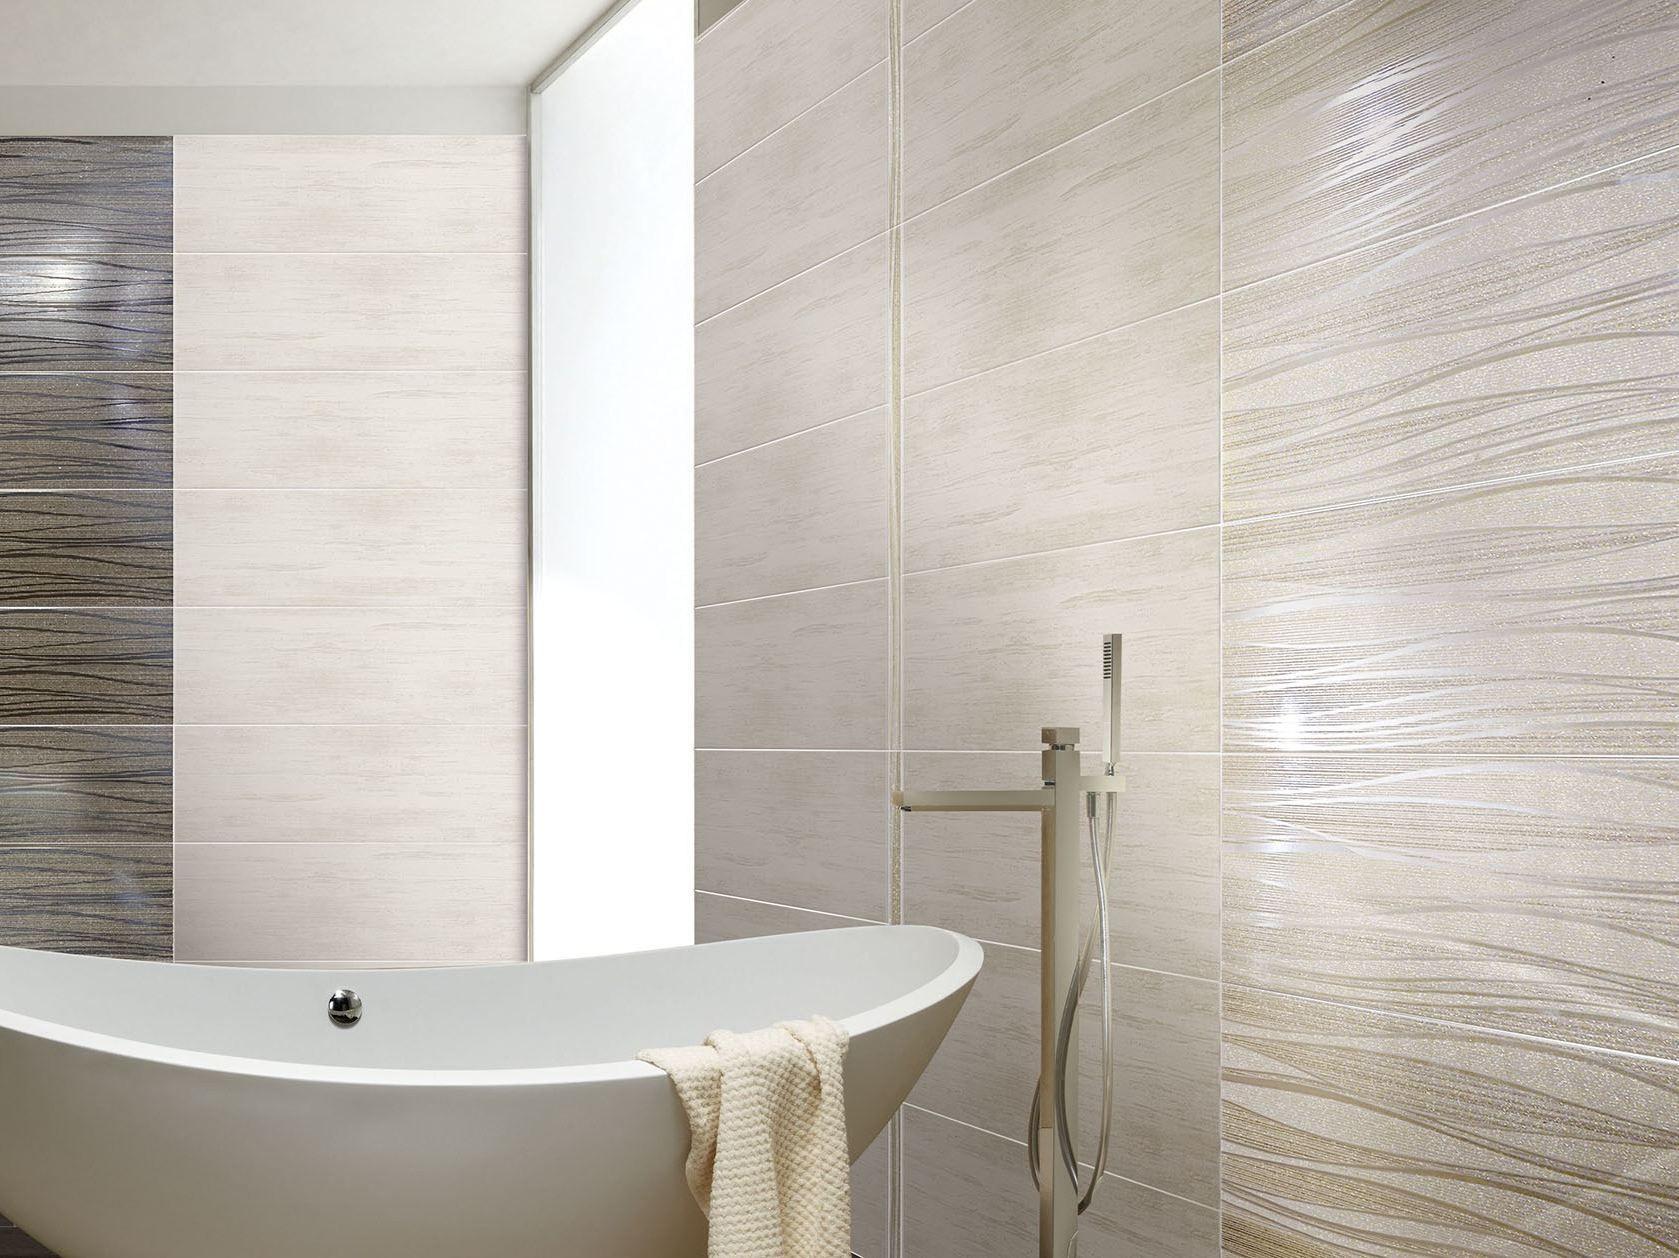 Indoor white paste wall tiles onde by ceramiche brennero for Ceramiche brennero